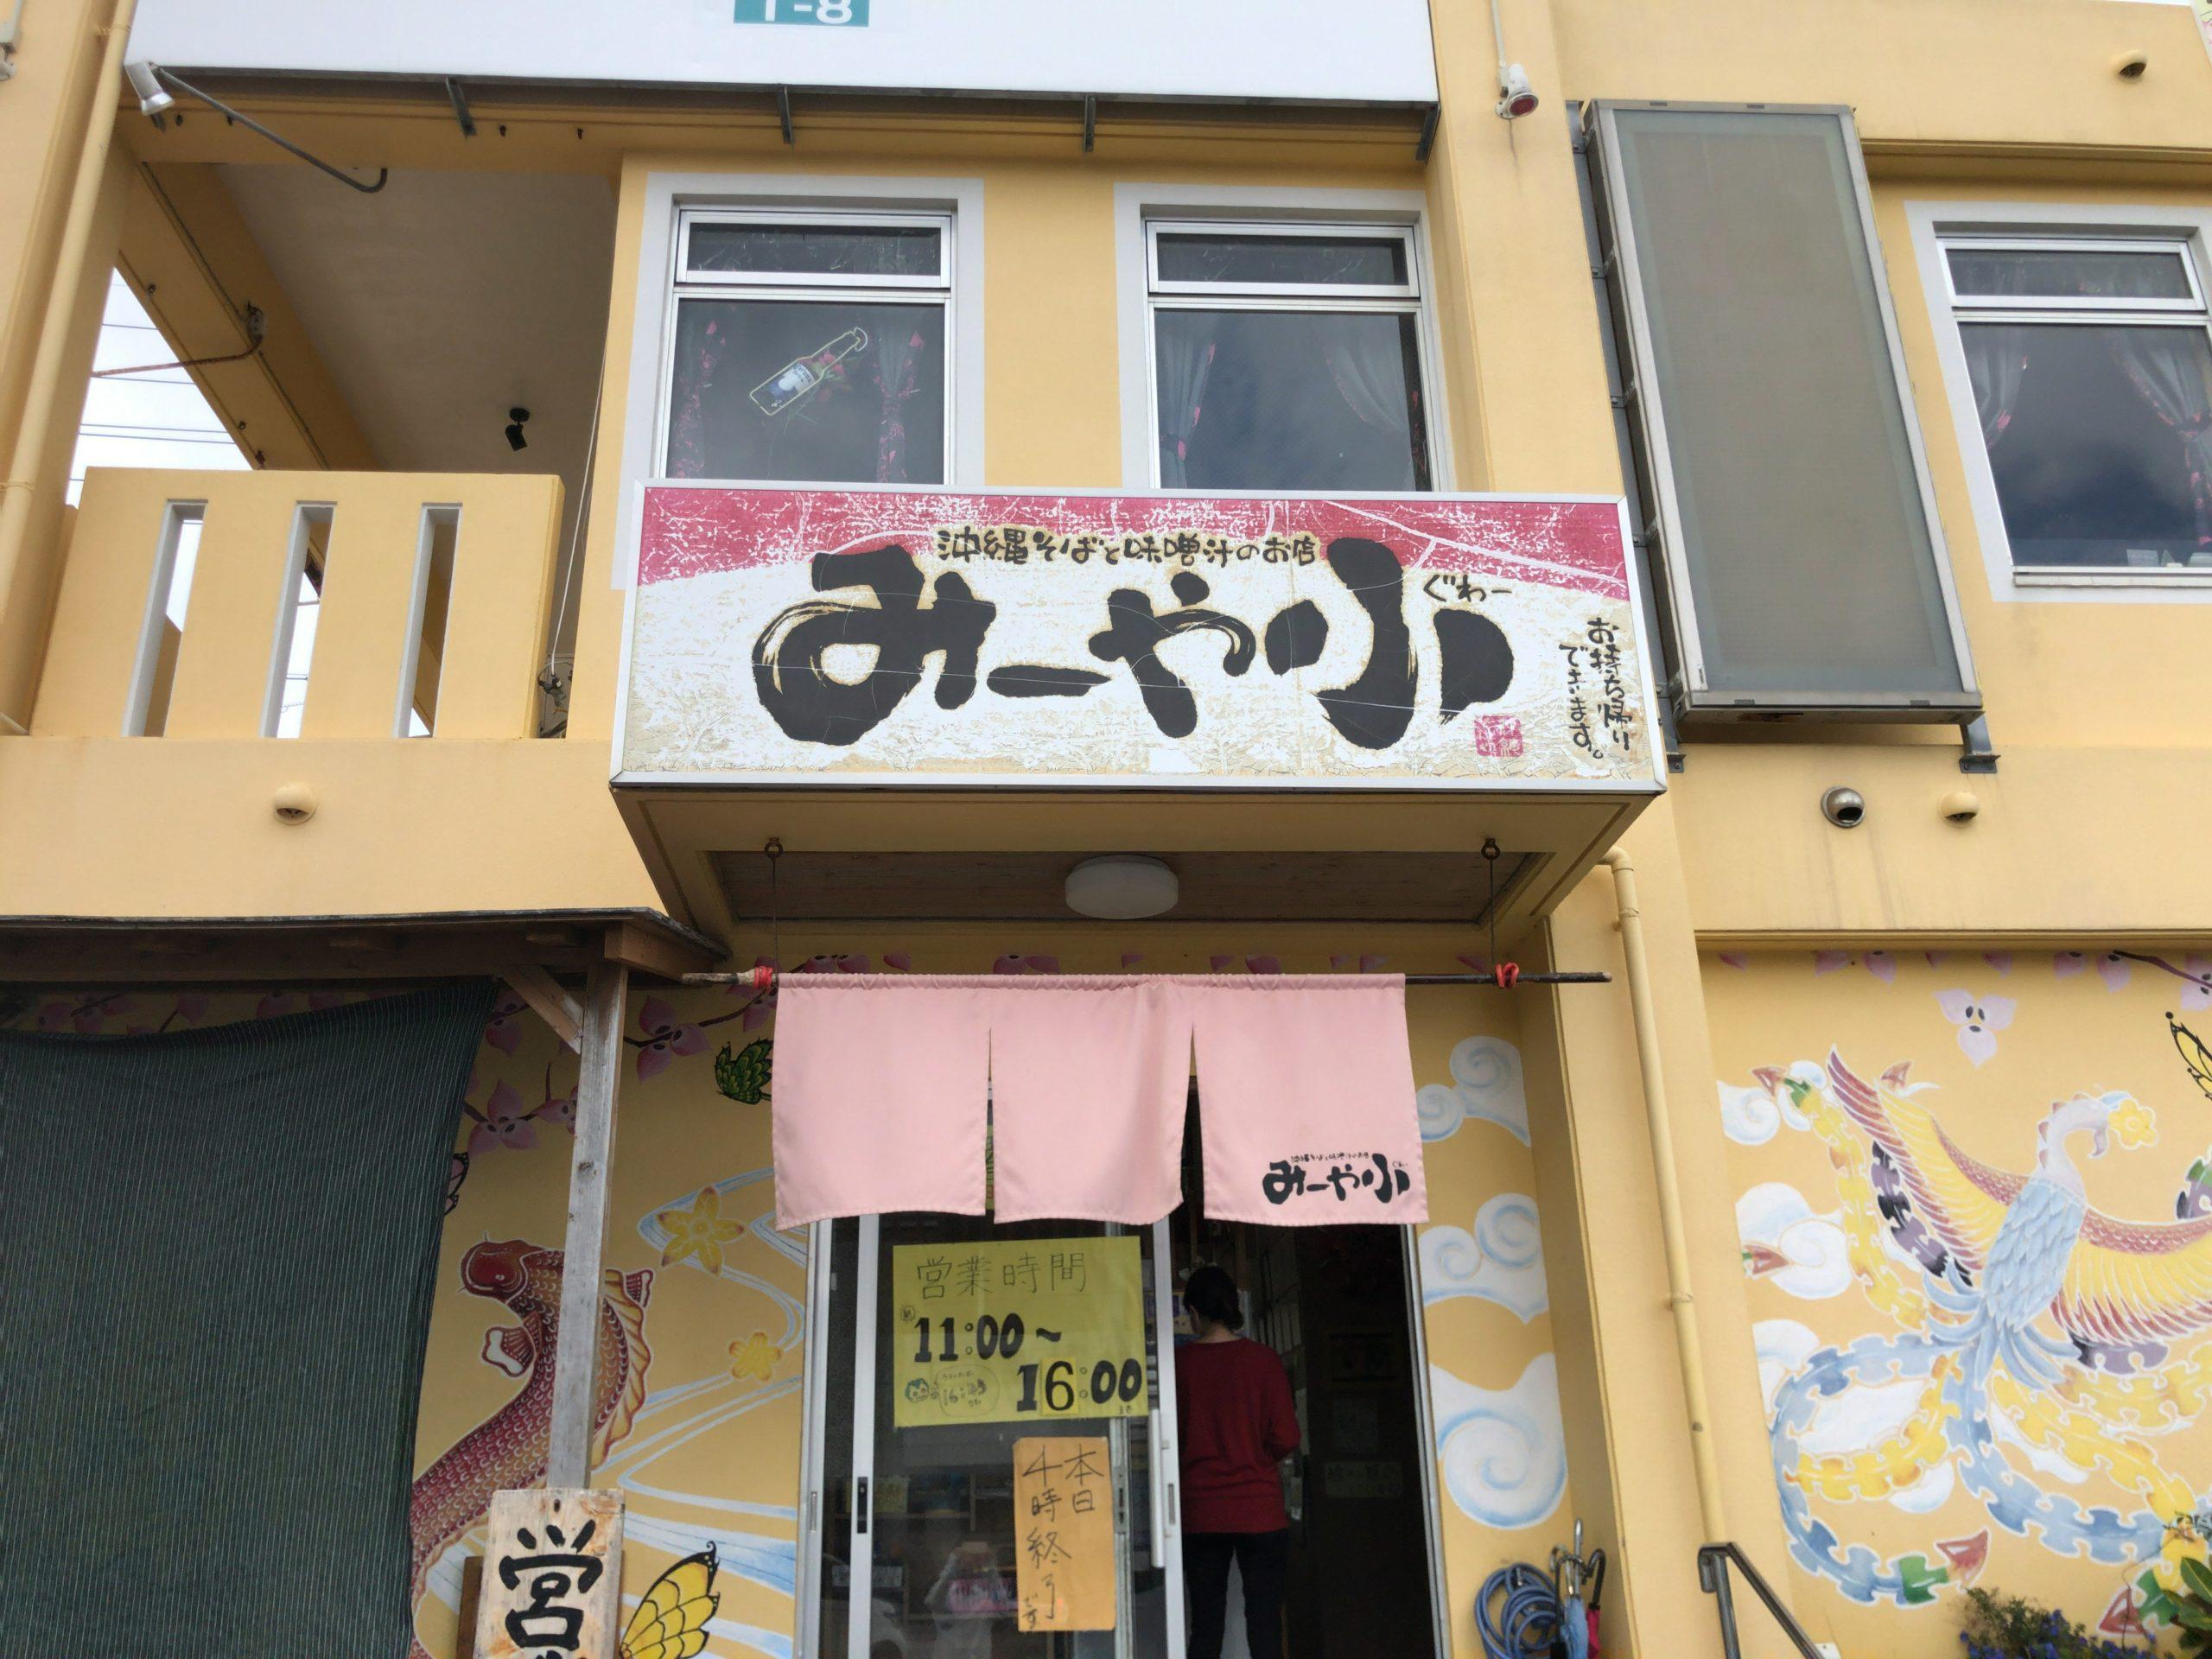 豊見城市『みーや小』地元率高く沖縄そばとみそ汁が美味しいお店